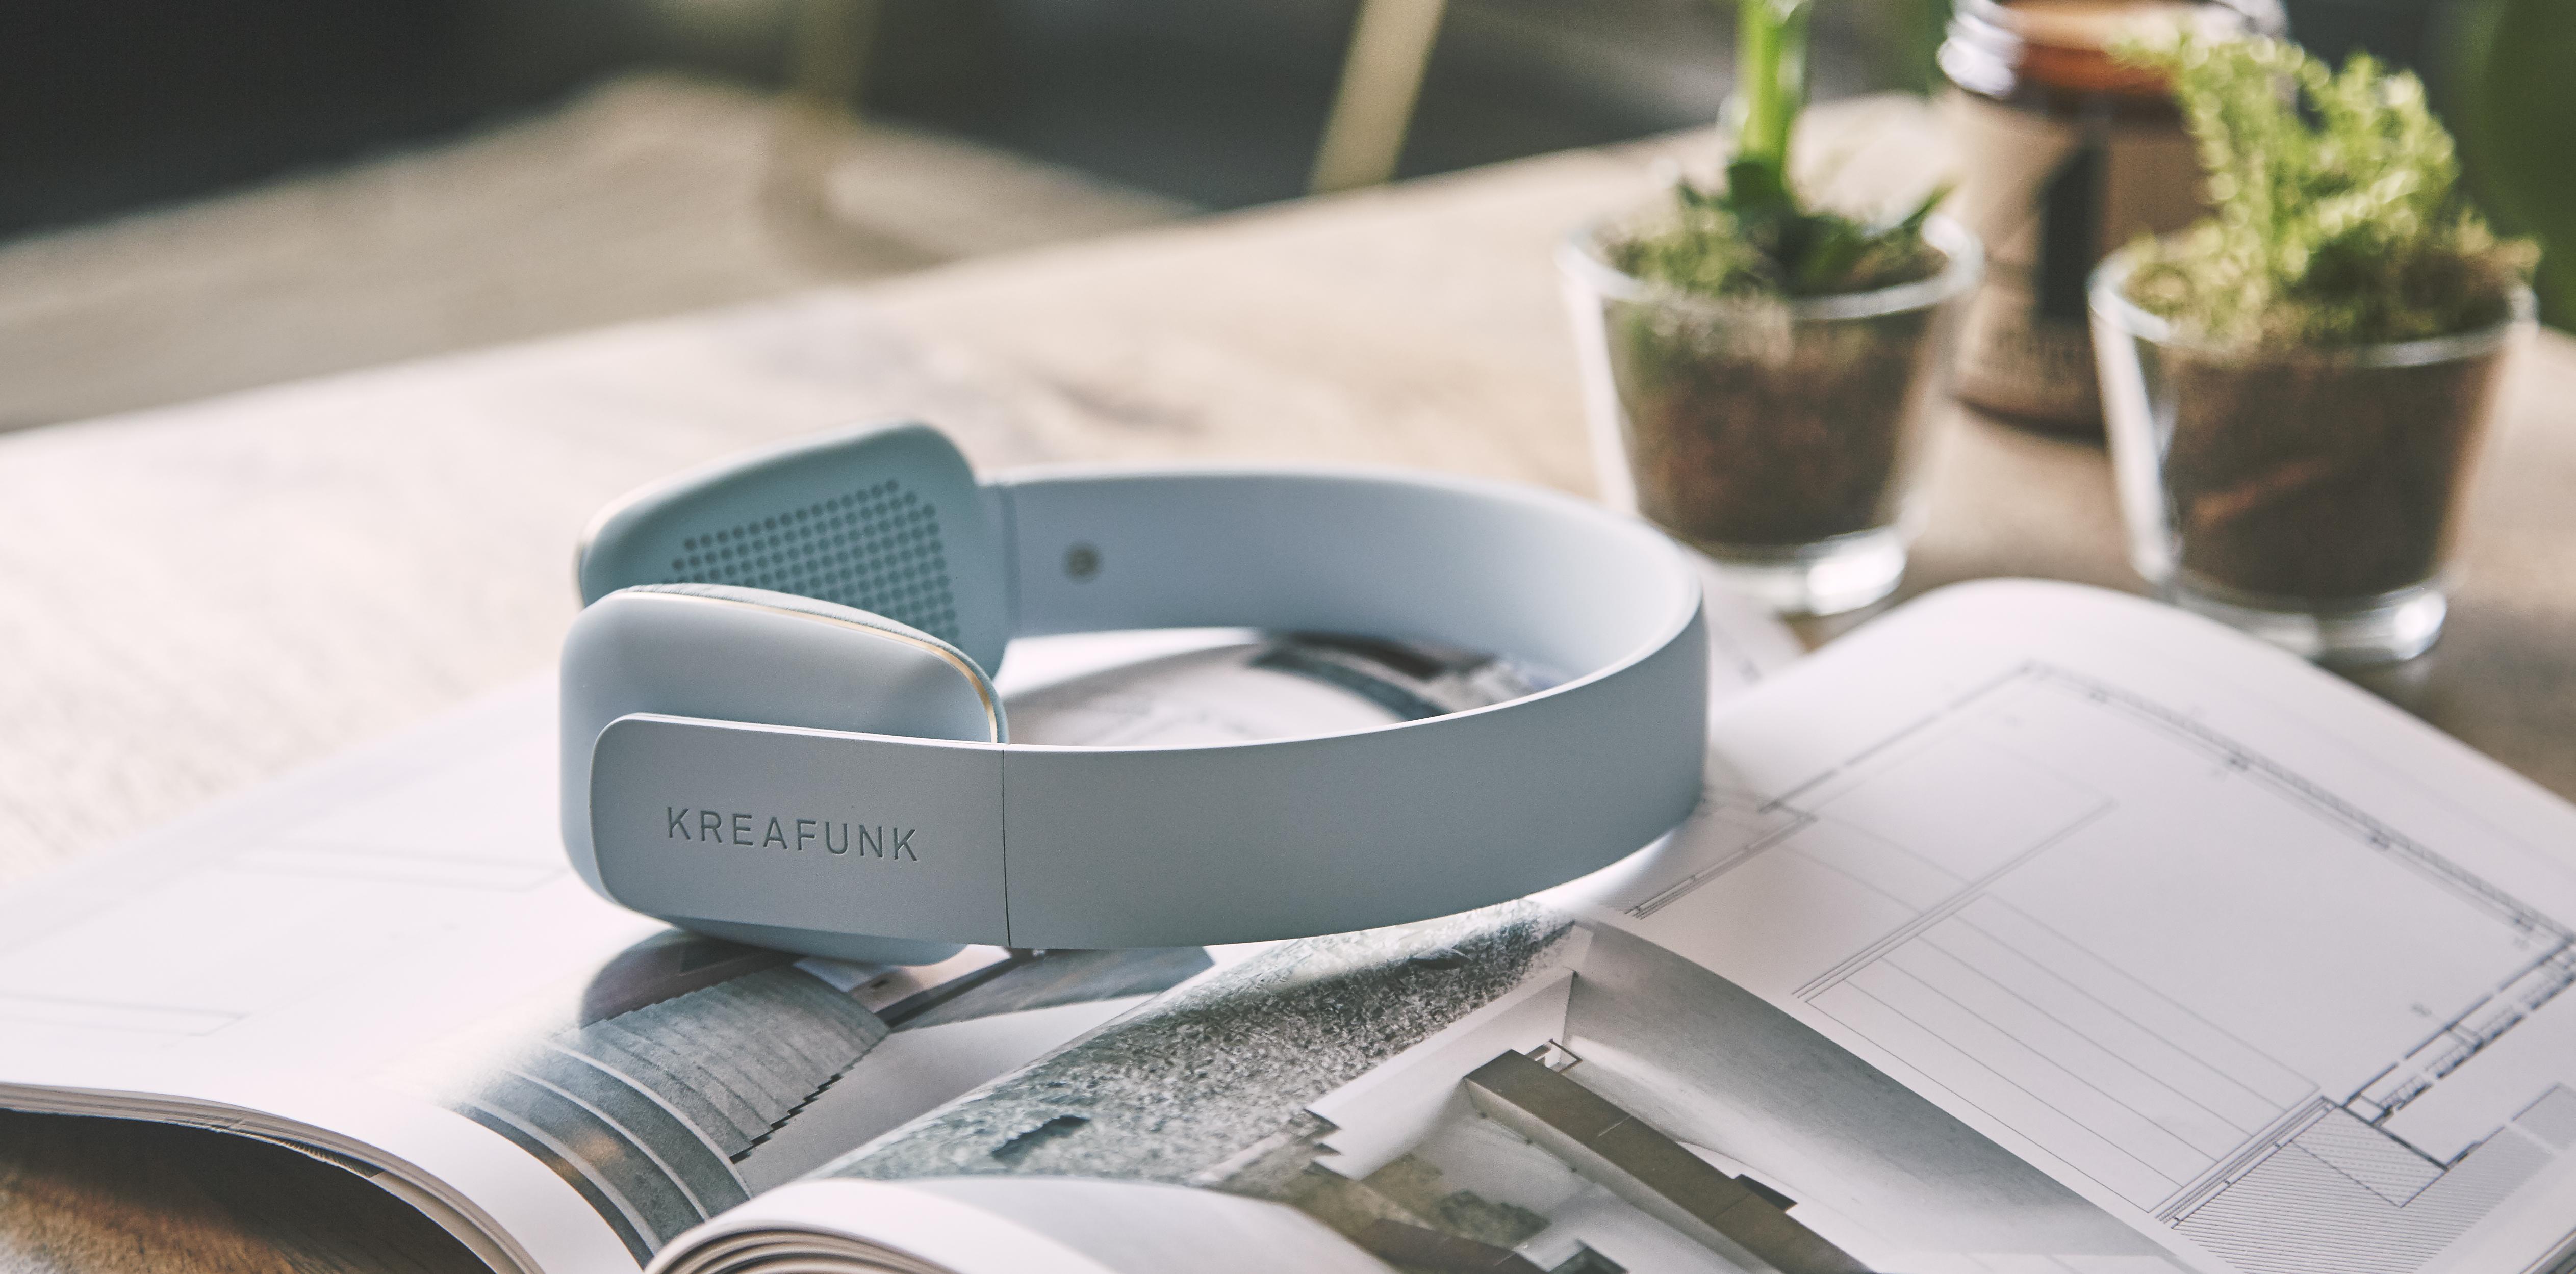 HW_Wk 4_UO Tech Kreafunk Headphones 2 of 2